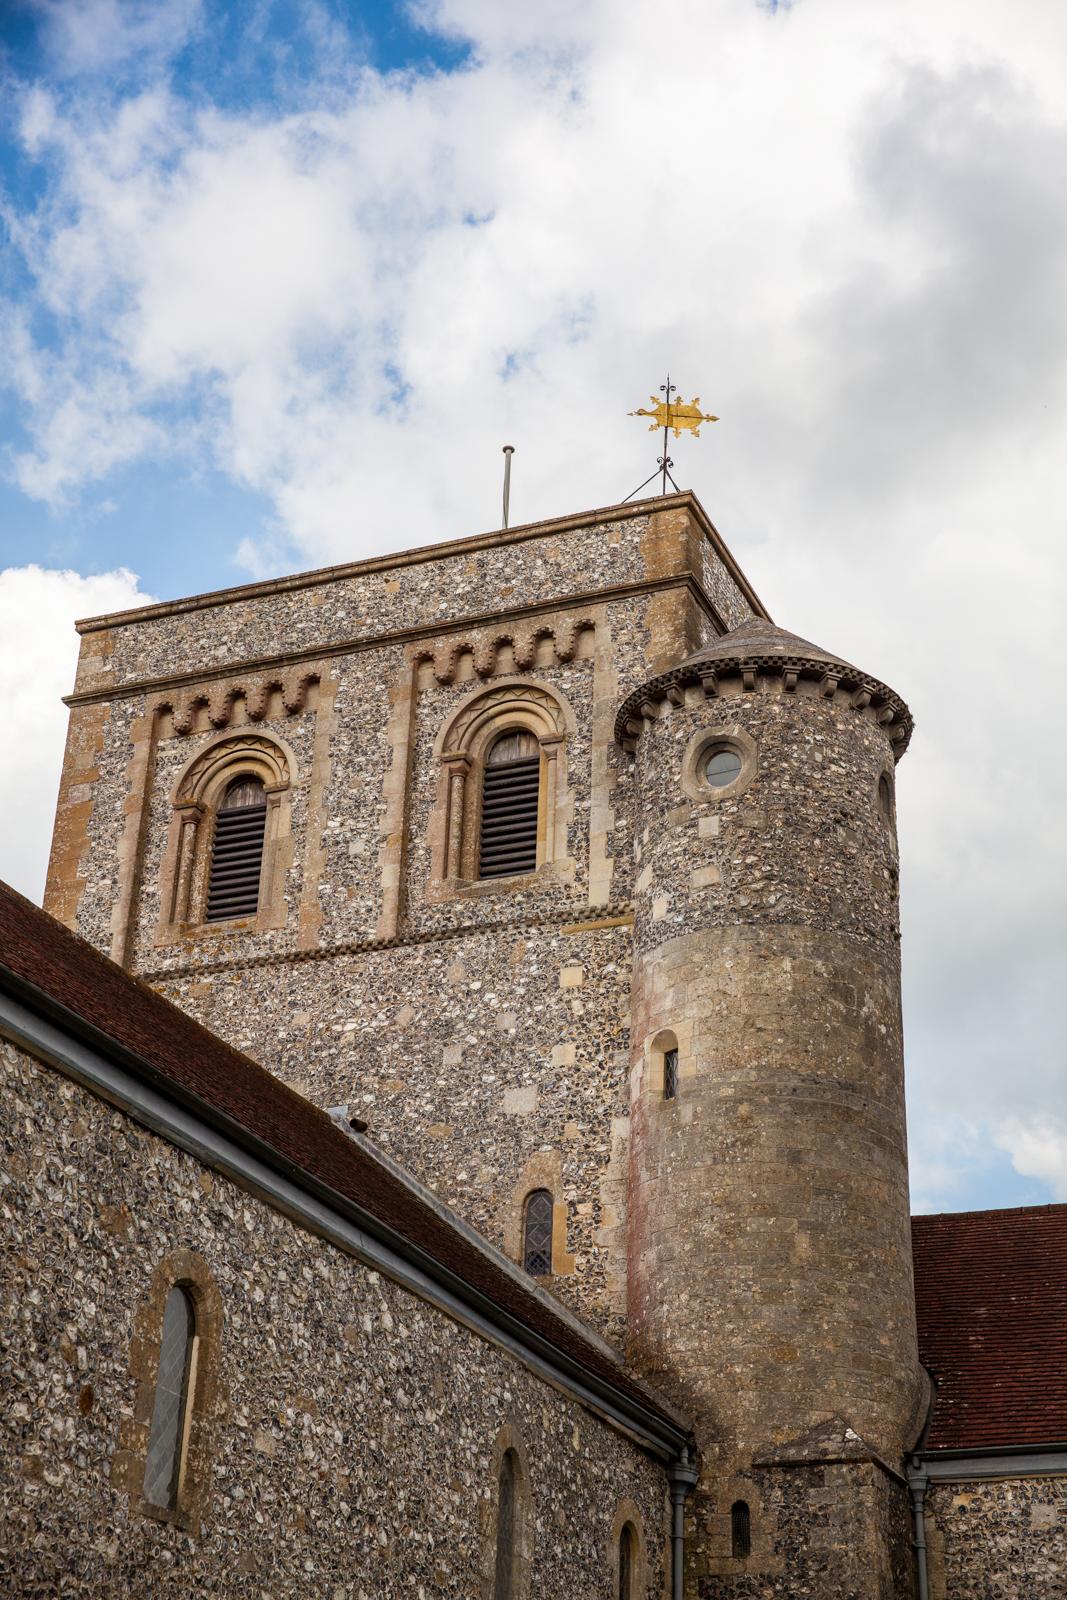 St Mary's weathervane